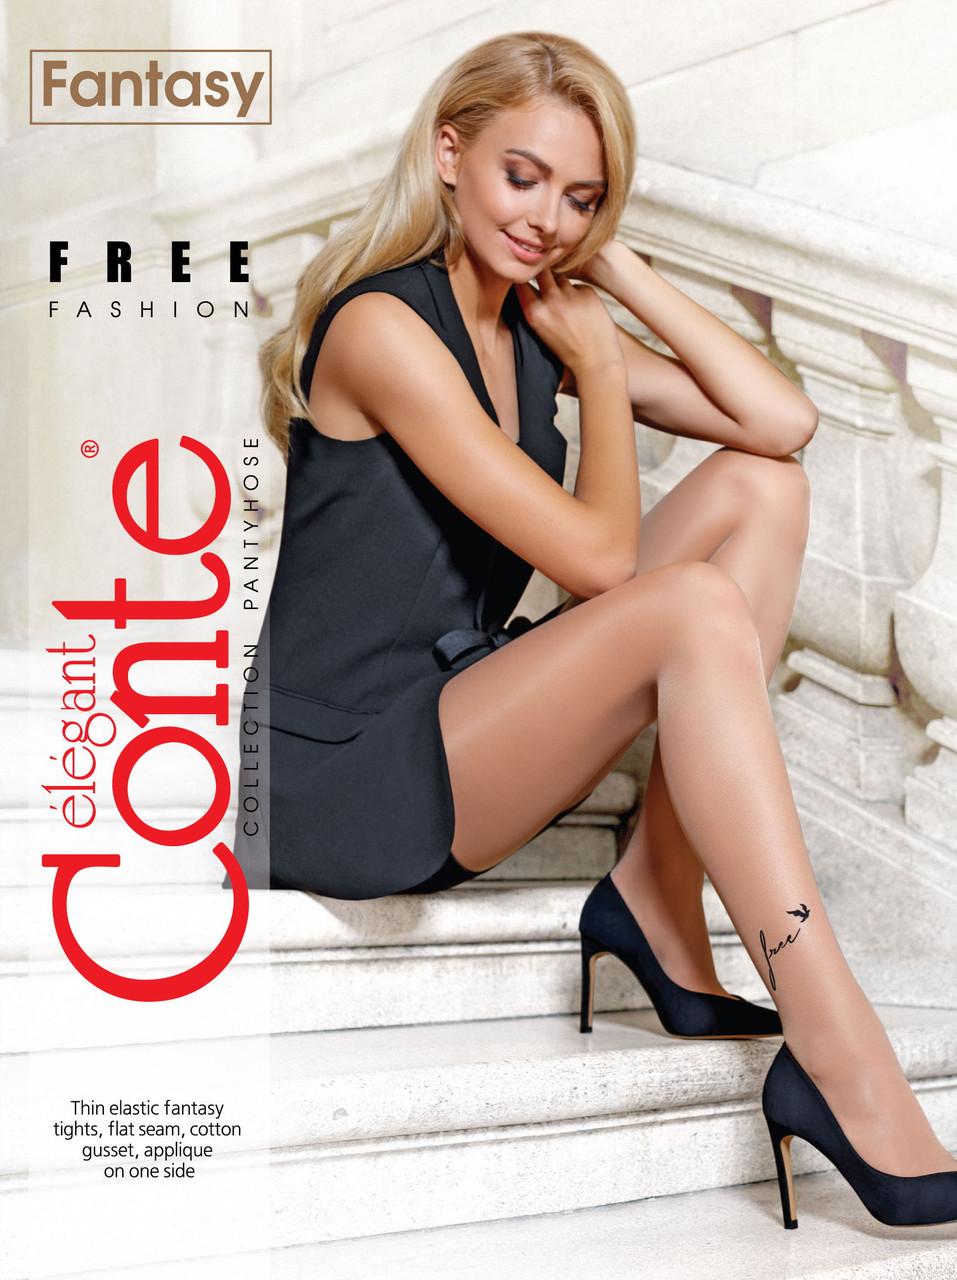 Жіночі колготки з тату-малюнком тілесні капронові Conte fantasy free 20 Den